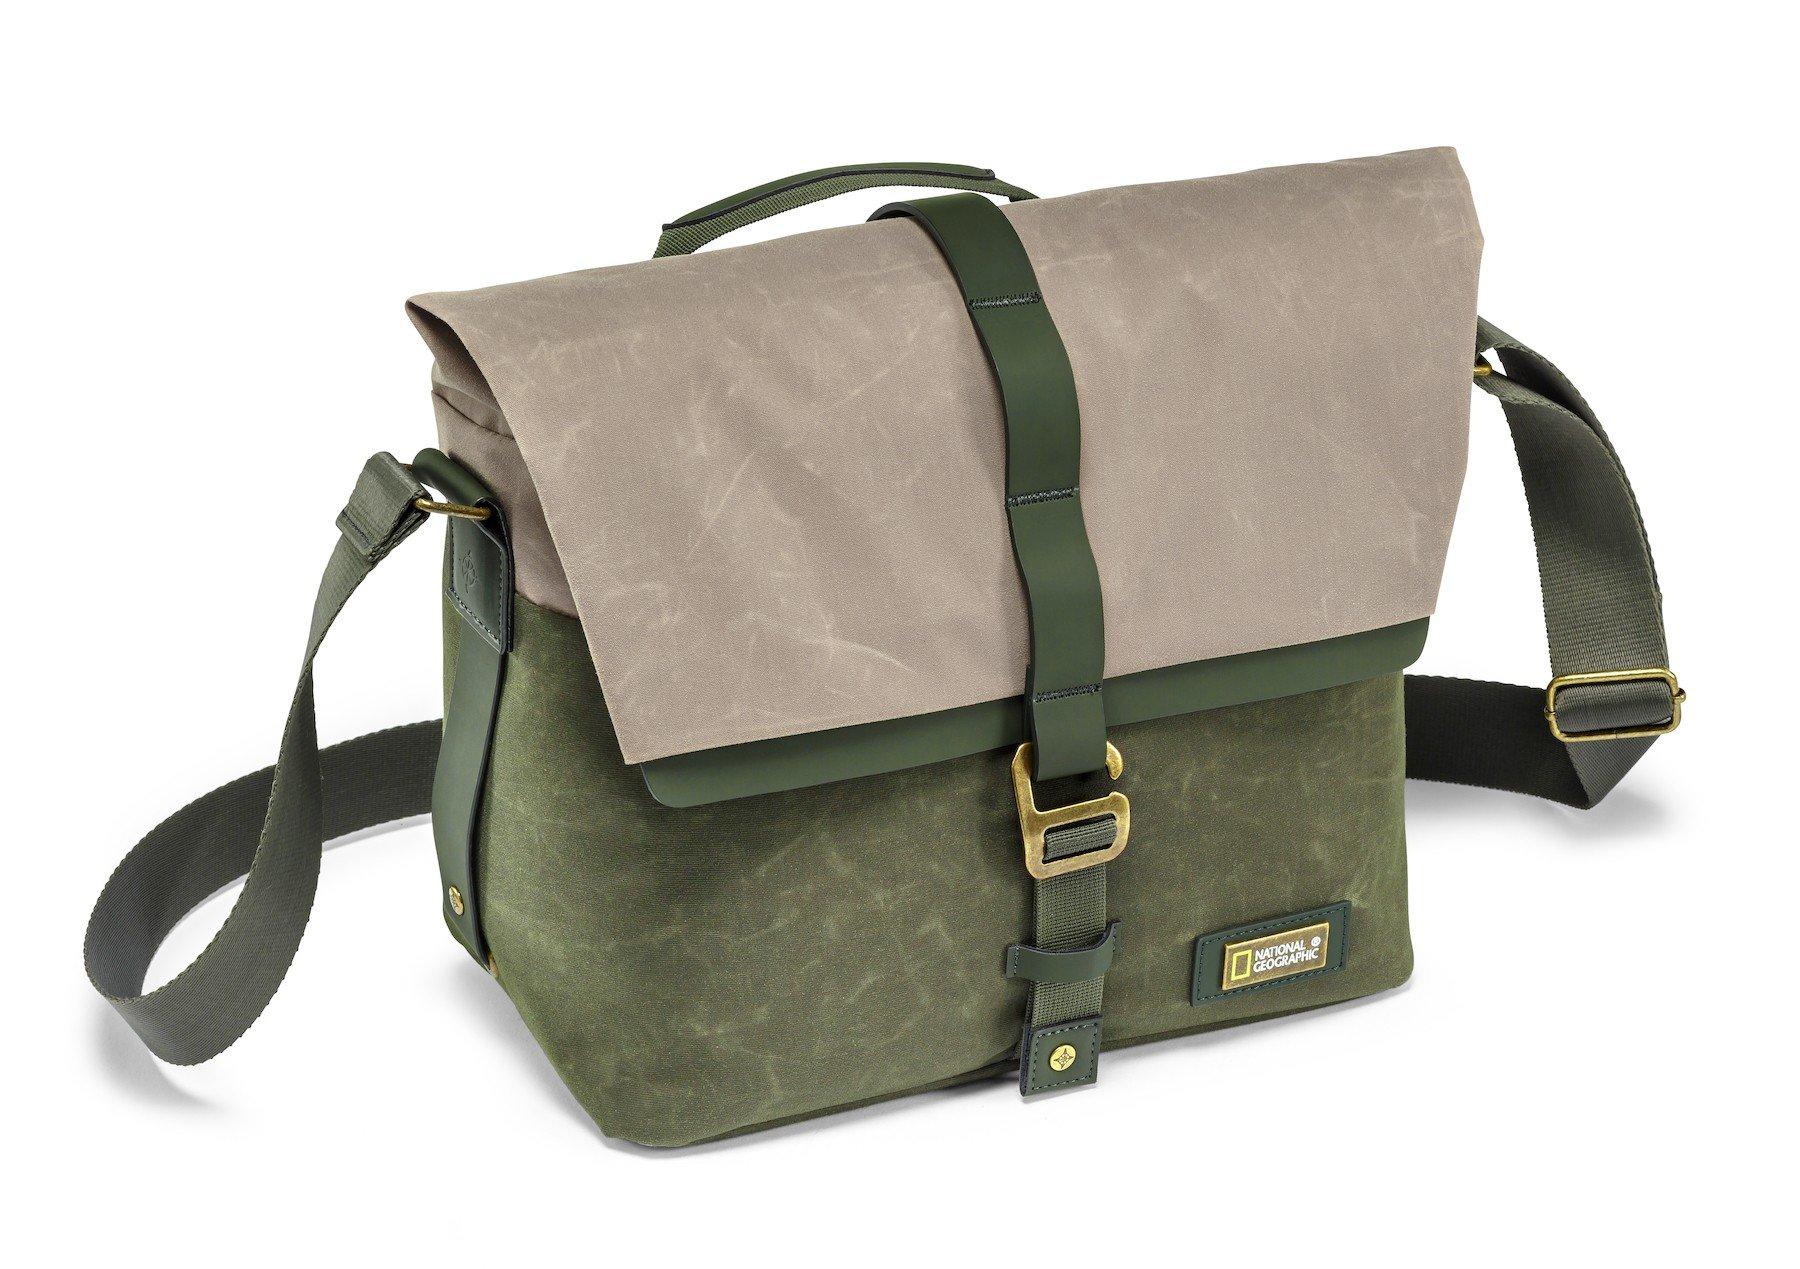 National Geographic Rainforest Shoulder Bag Ngrf 2350 Centrum Vanguard The Heralder 33 Fotokoda